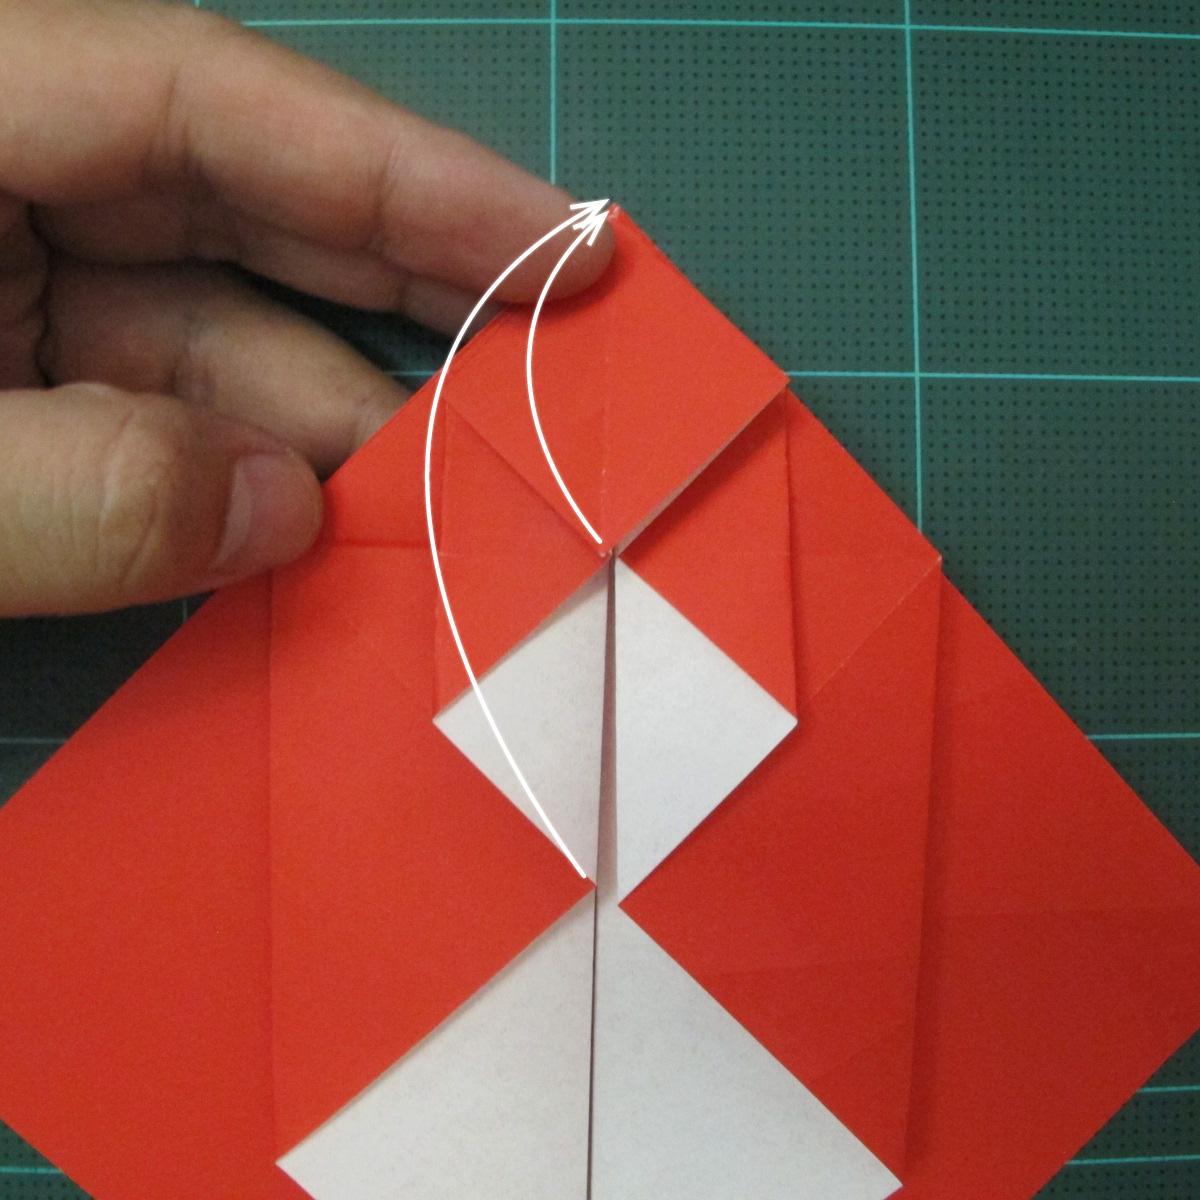 การพับกระดาษเป็นรูปสัตว์ประหลาดก็อตซิล่า (Origami Gozzila) 015